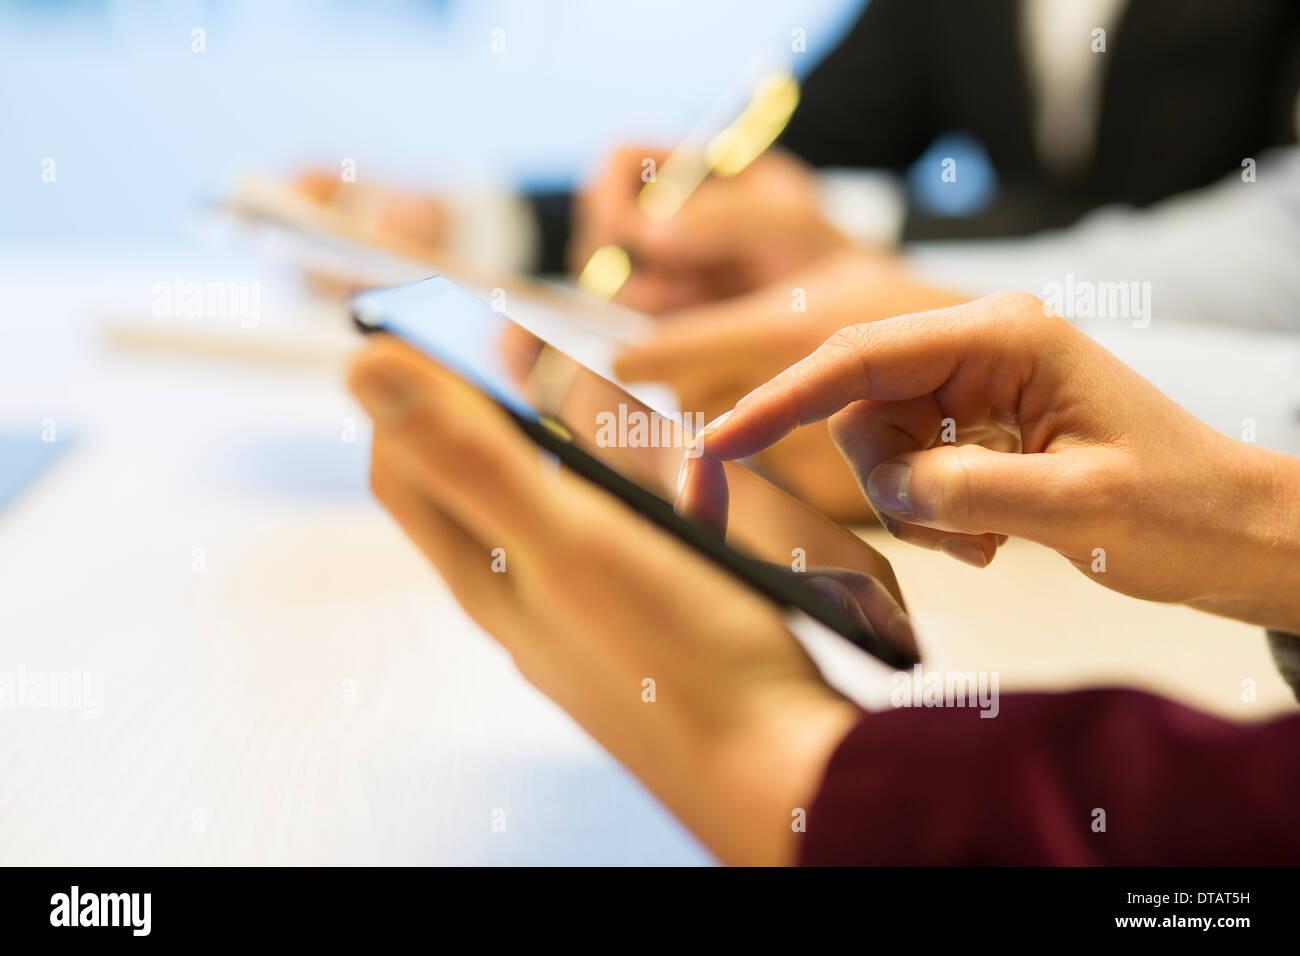 Nahaufnahme der Geschäftsfrau Hände schreiben auf digital-Tablette während einer Besprechung Stockbild